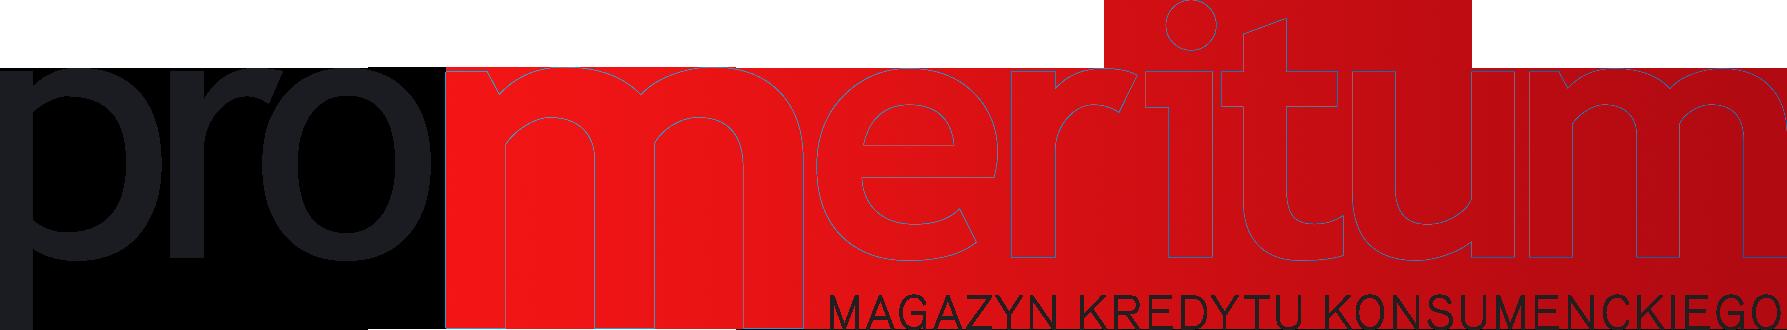 red logo czerwone